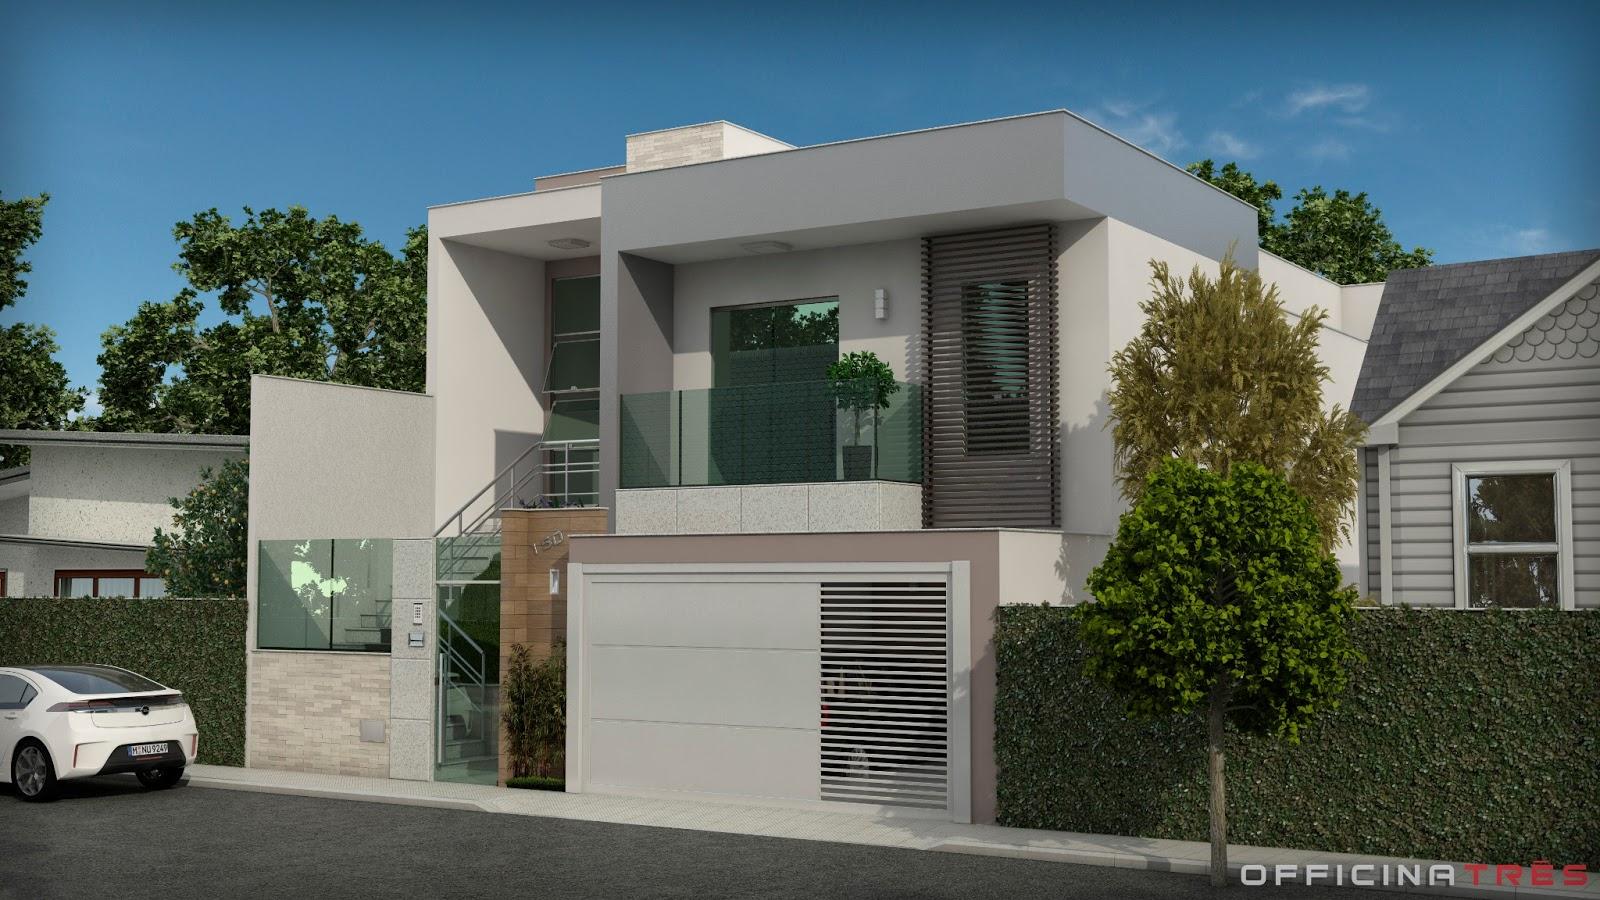 OfficinaTr?s: Casa em estilo contempor?neo, Lajinha-MG